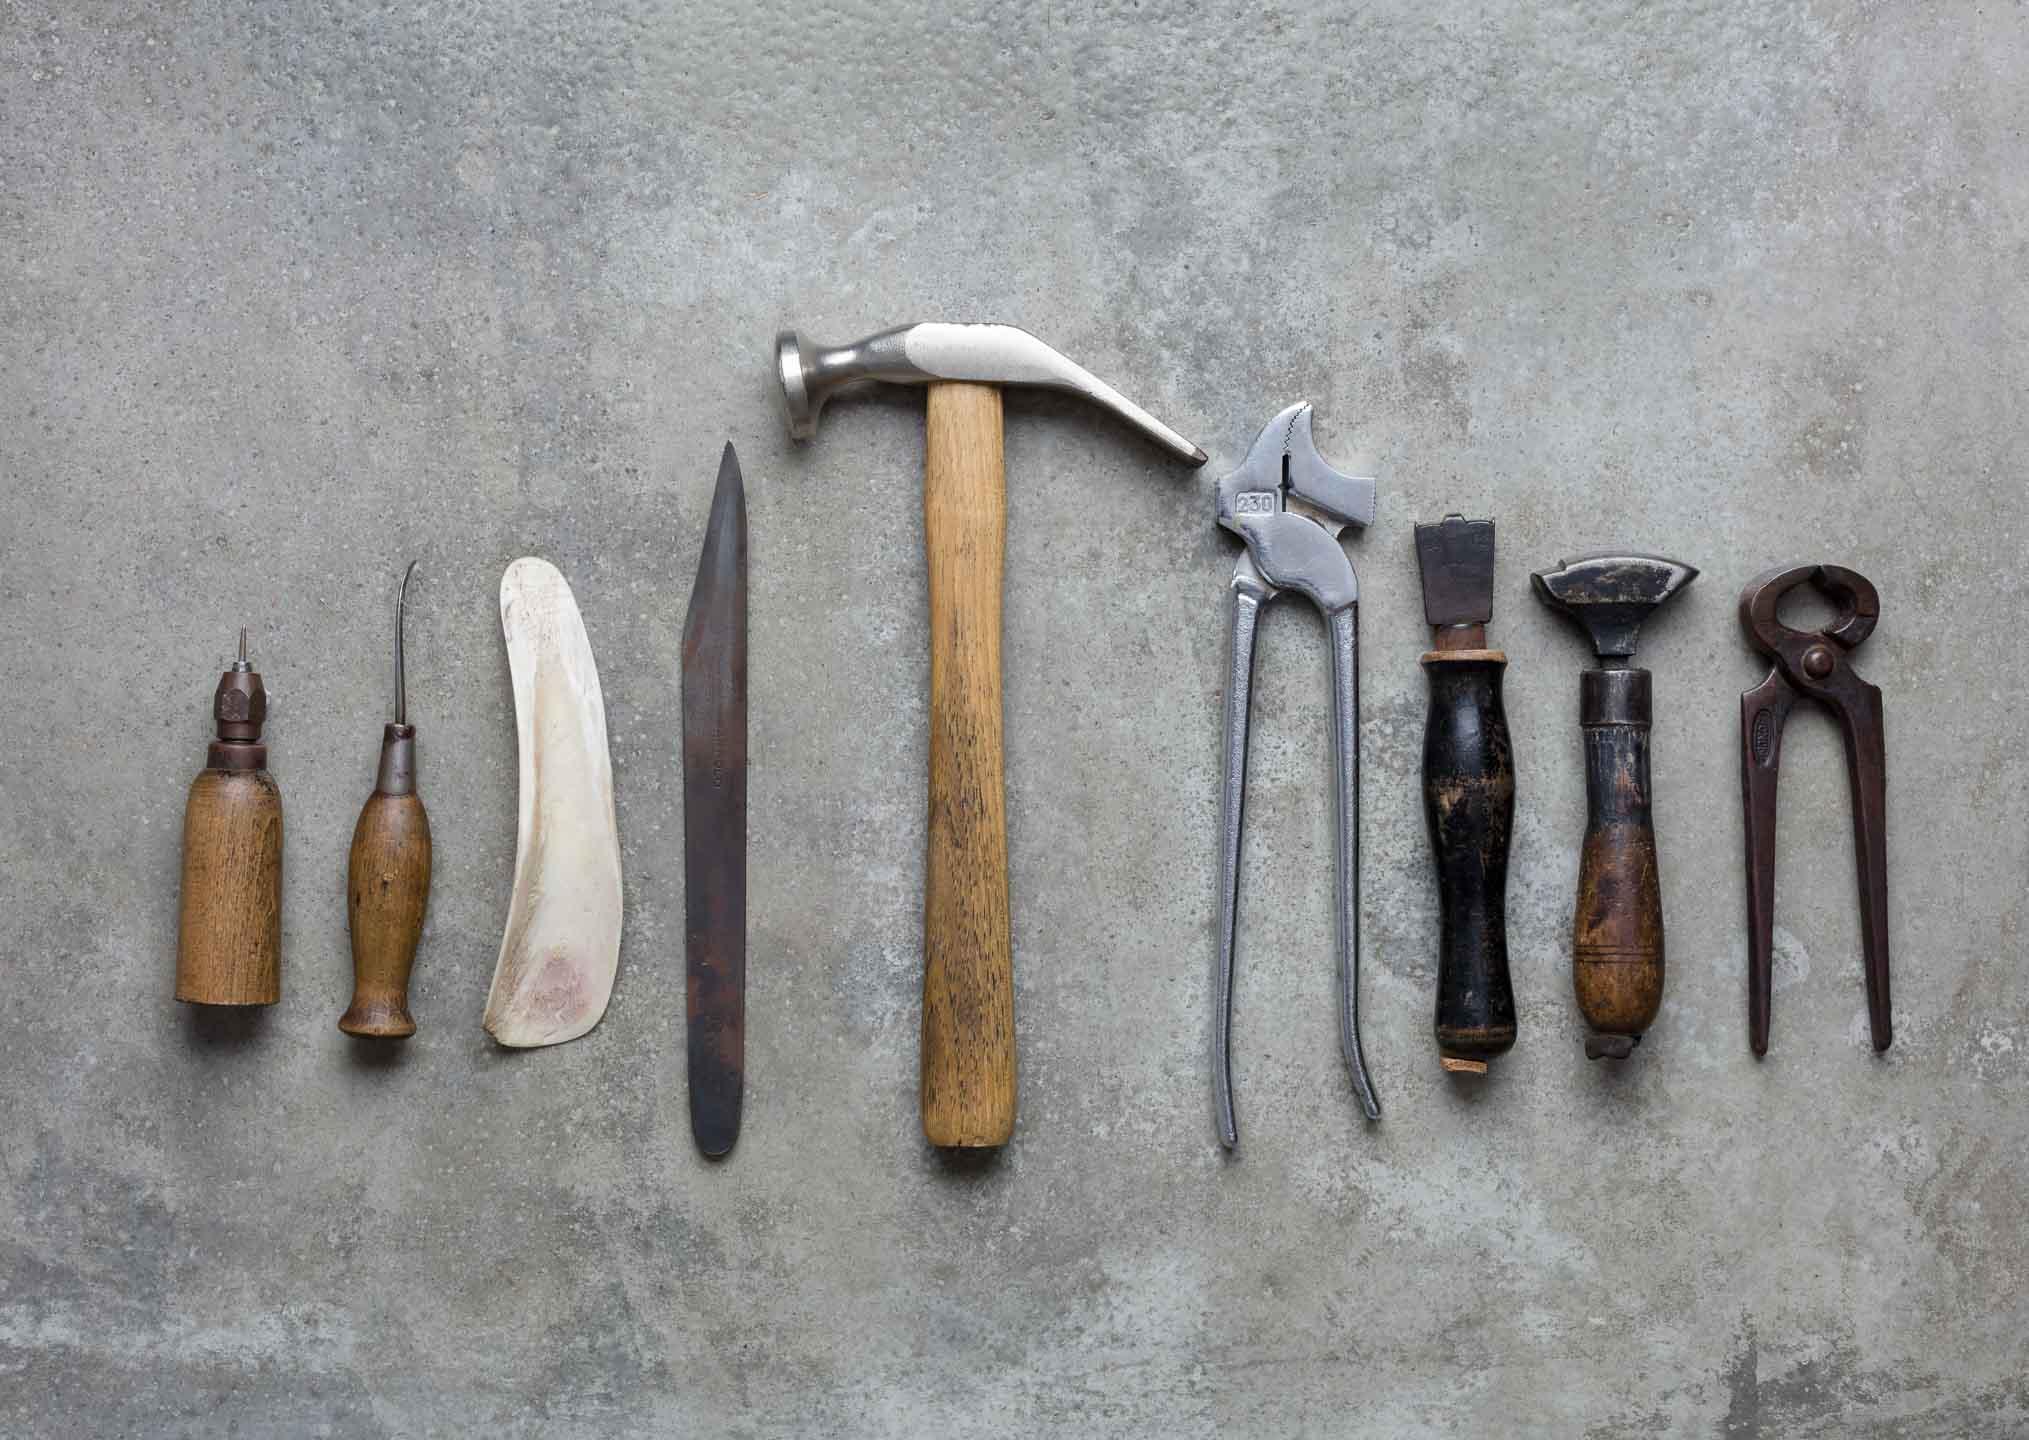 Produktfoto Von Werkzeugen eines Schuhmachers